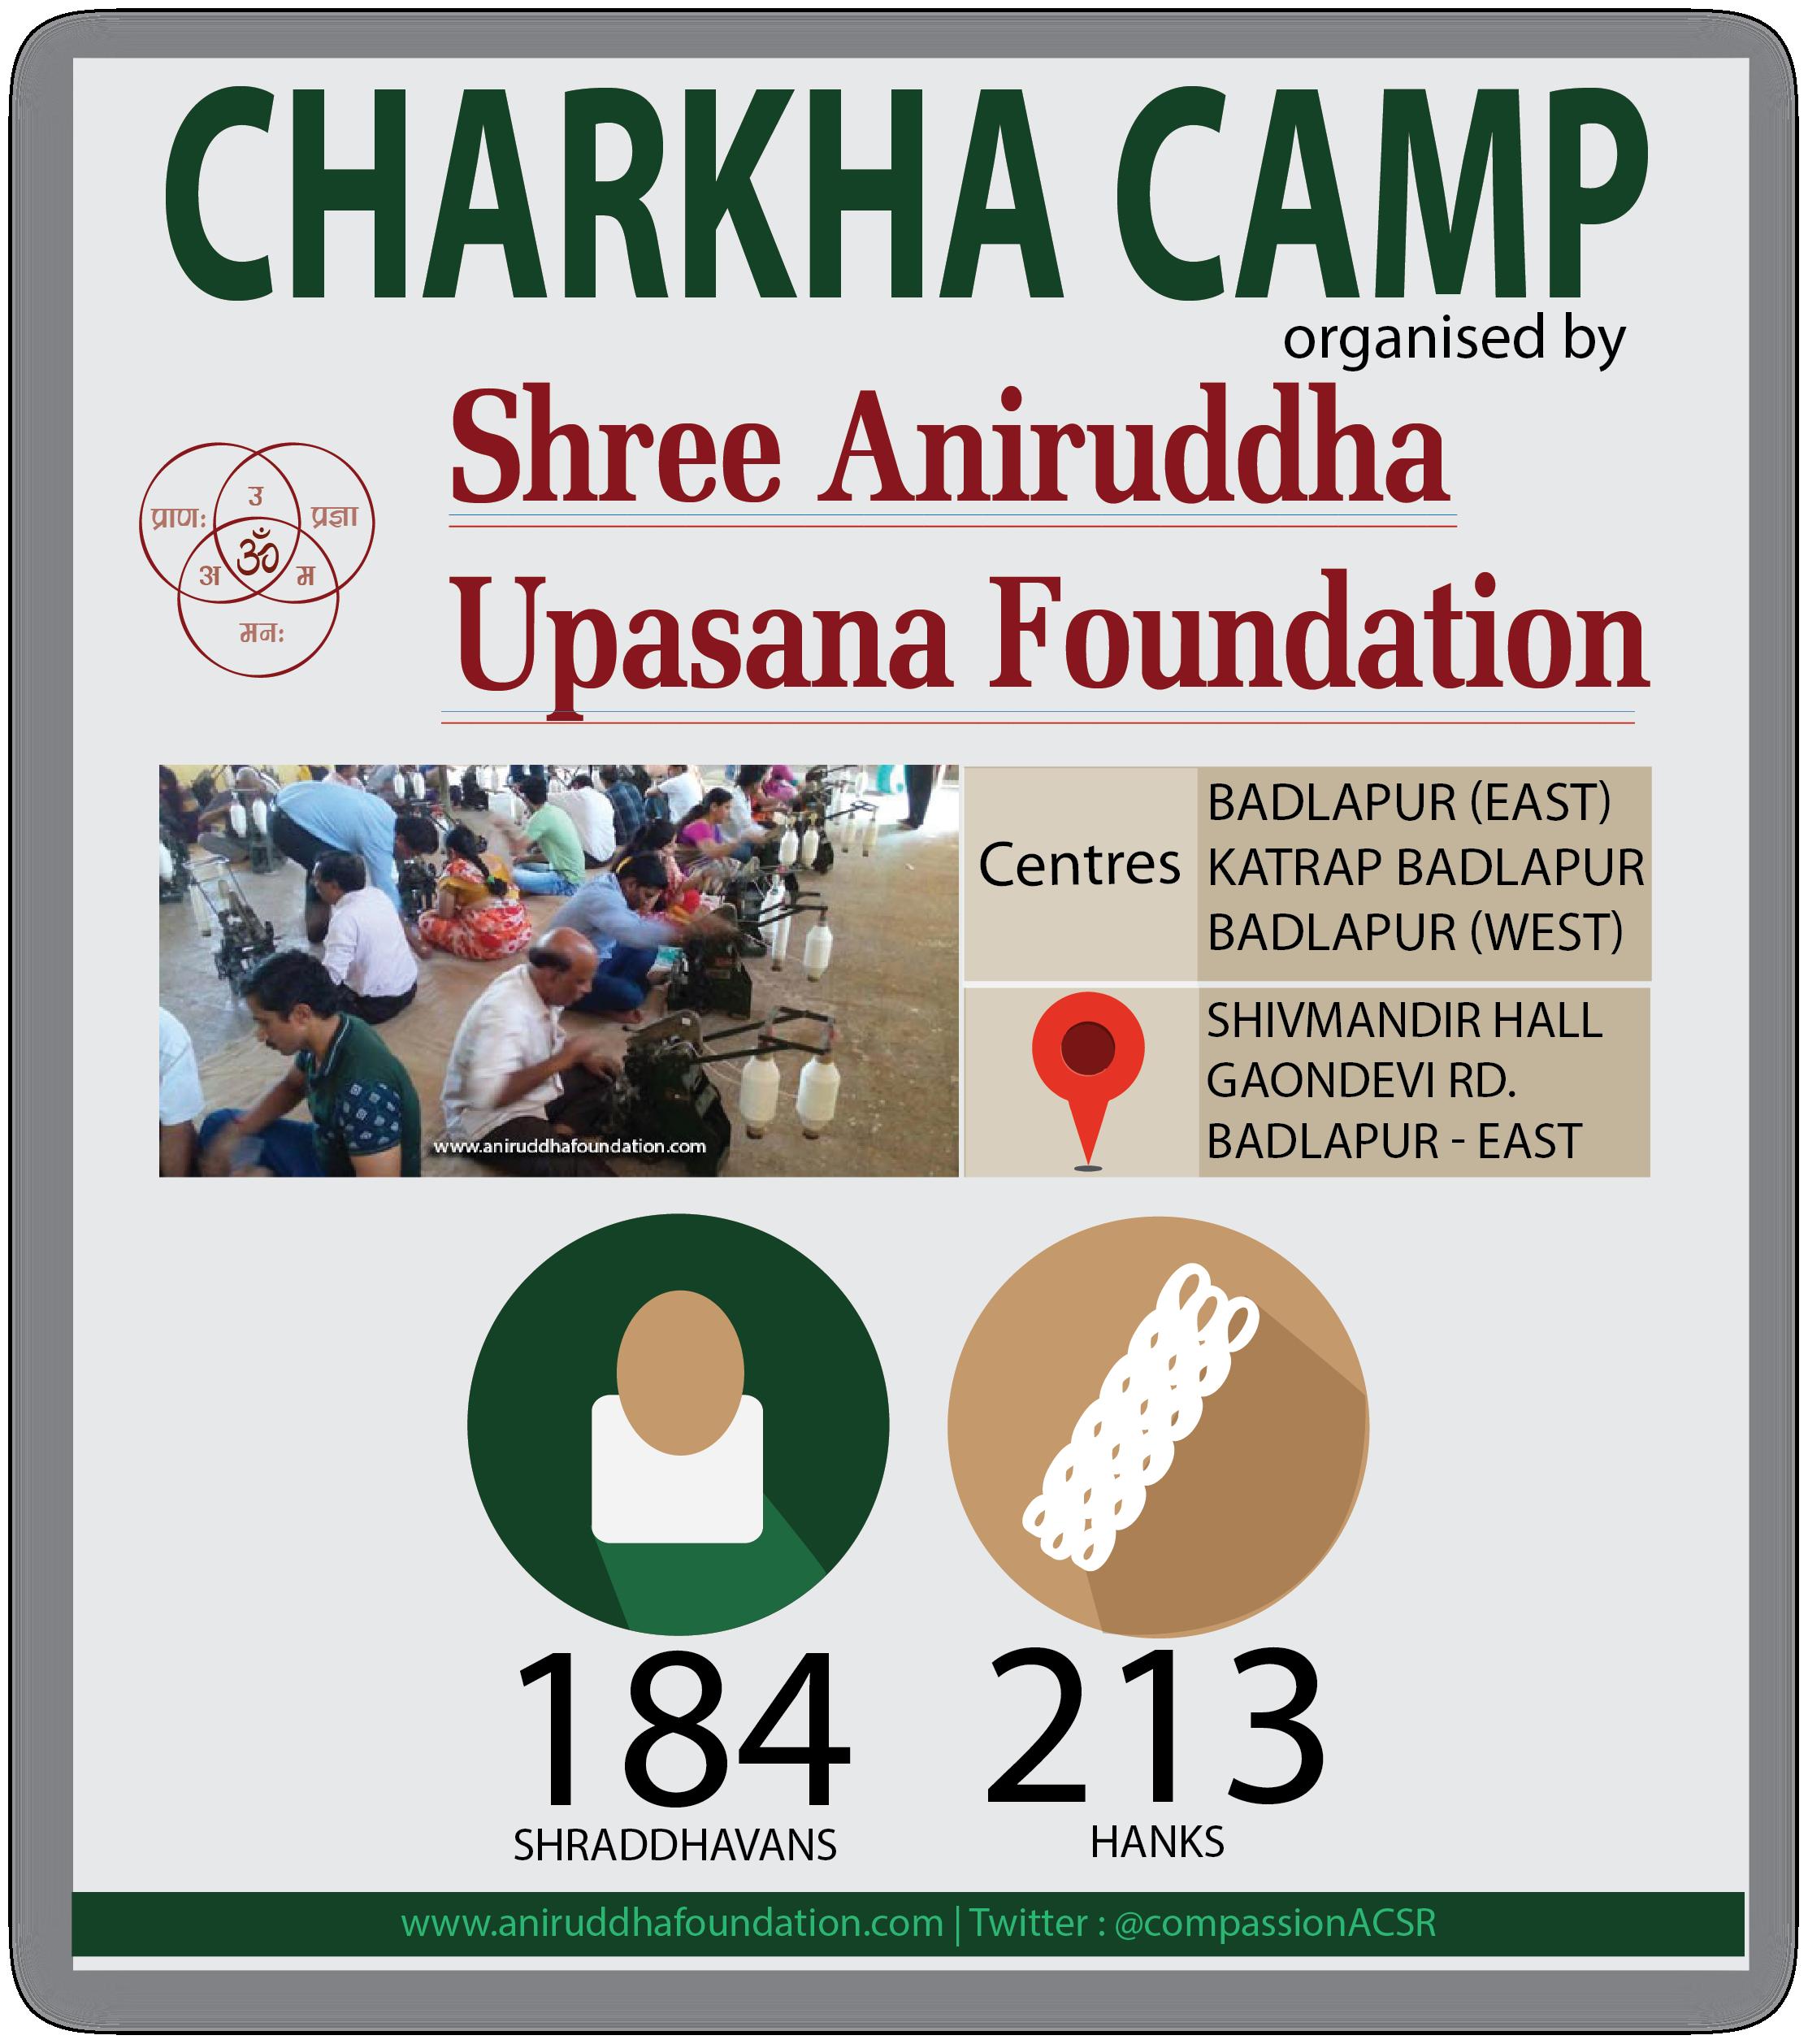 charakha camp -badalapur-infographics-Aniruddhafoundation-